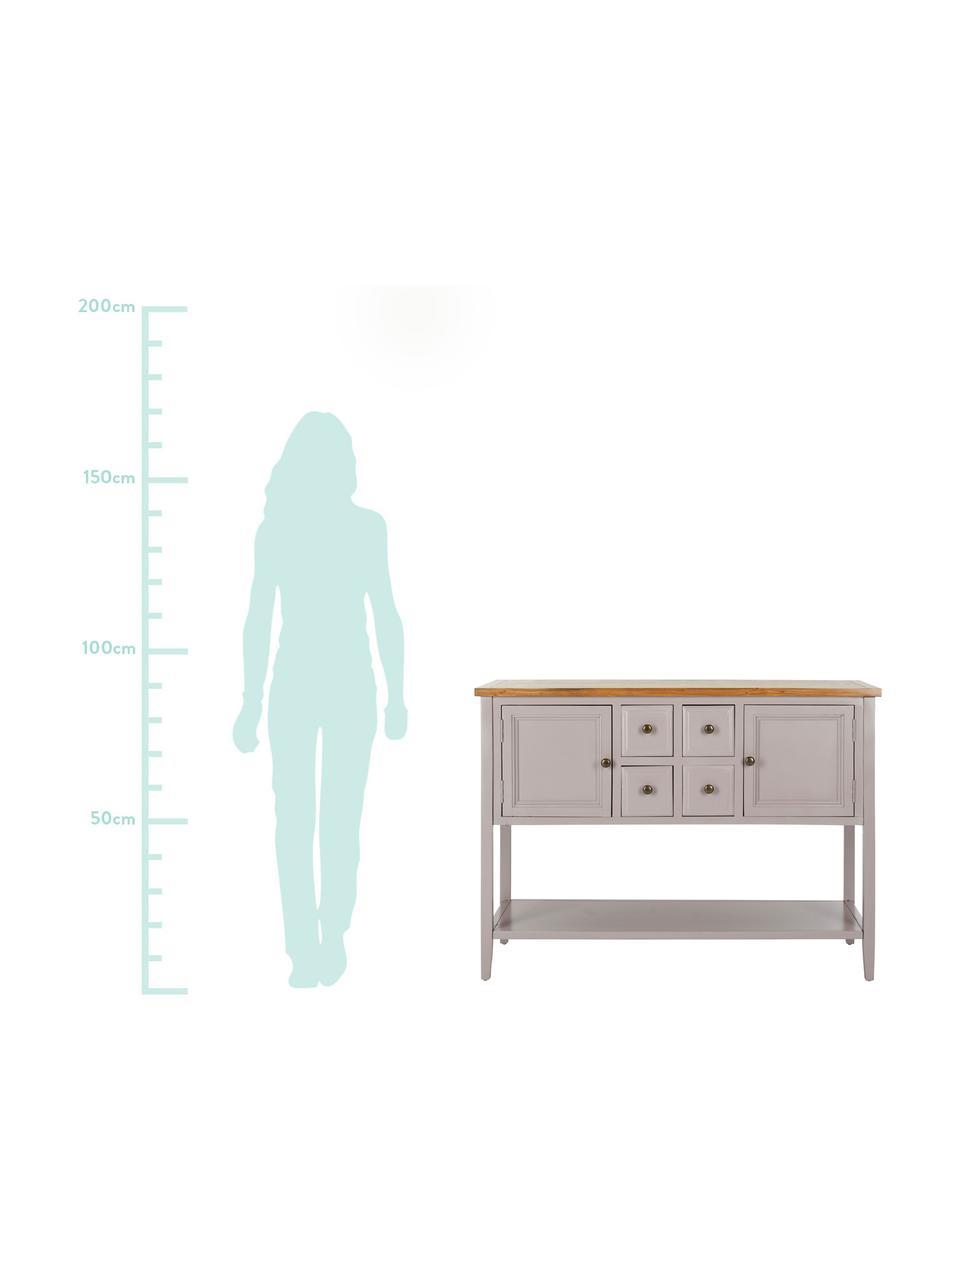 Komoda rustykalna Amy, Korpus: drewno wiązowe, lakierowa, Blat: drewno wiązowe, Jasny szary, S 116 x W 86 cm